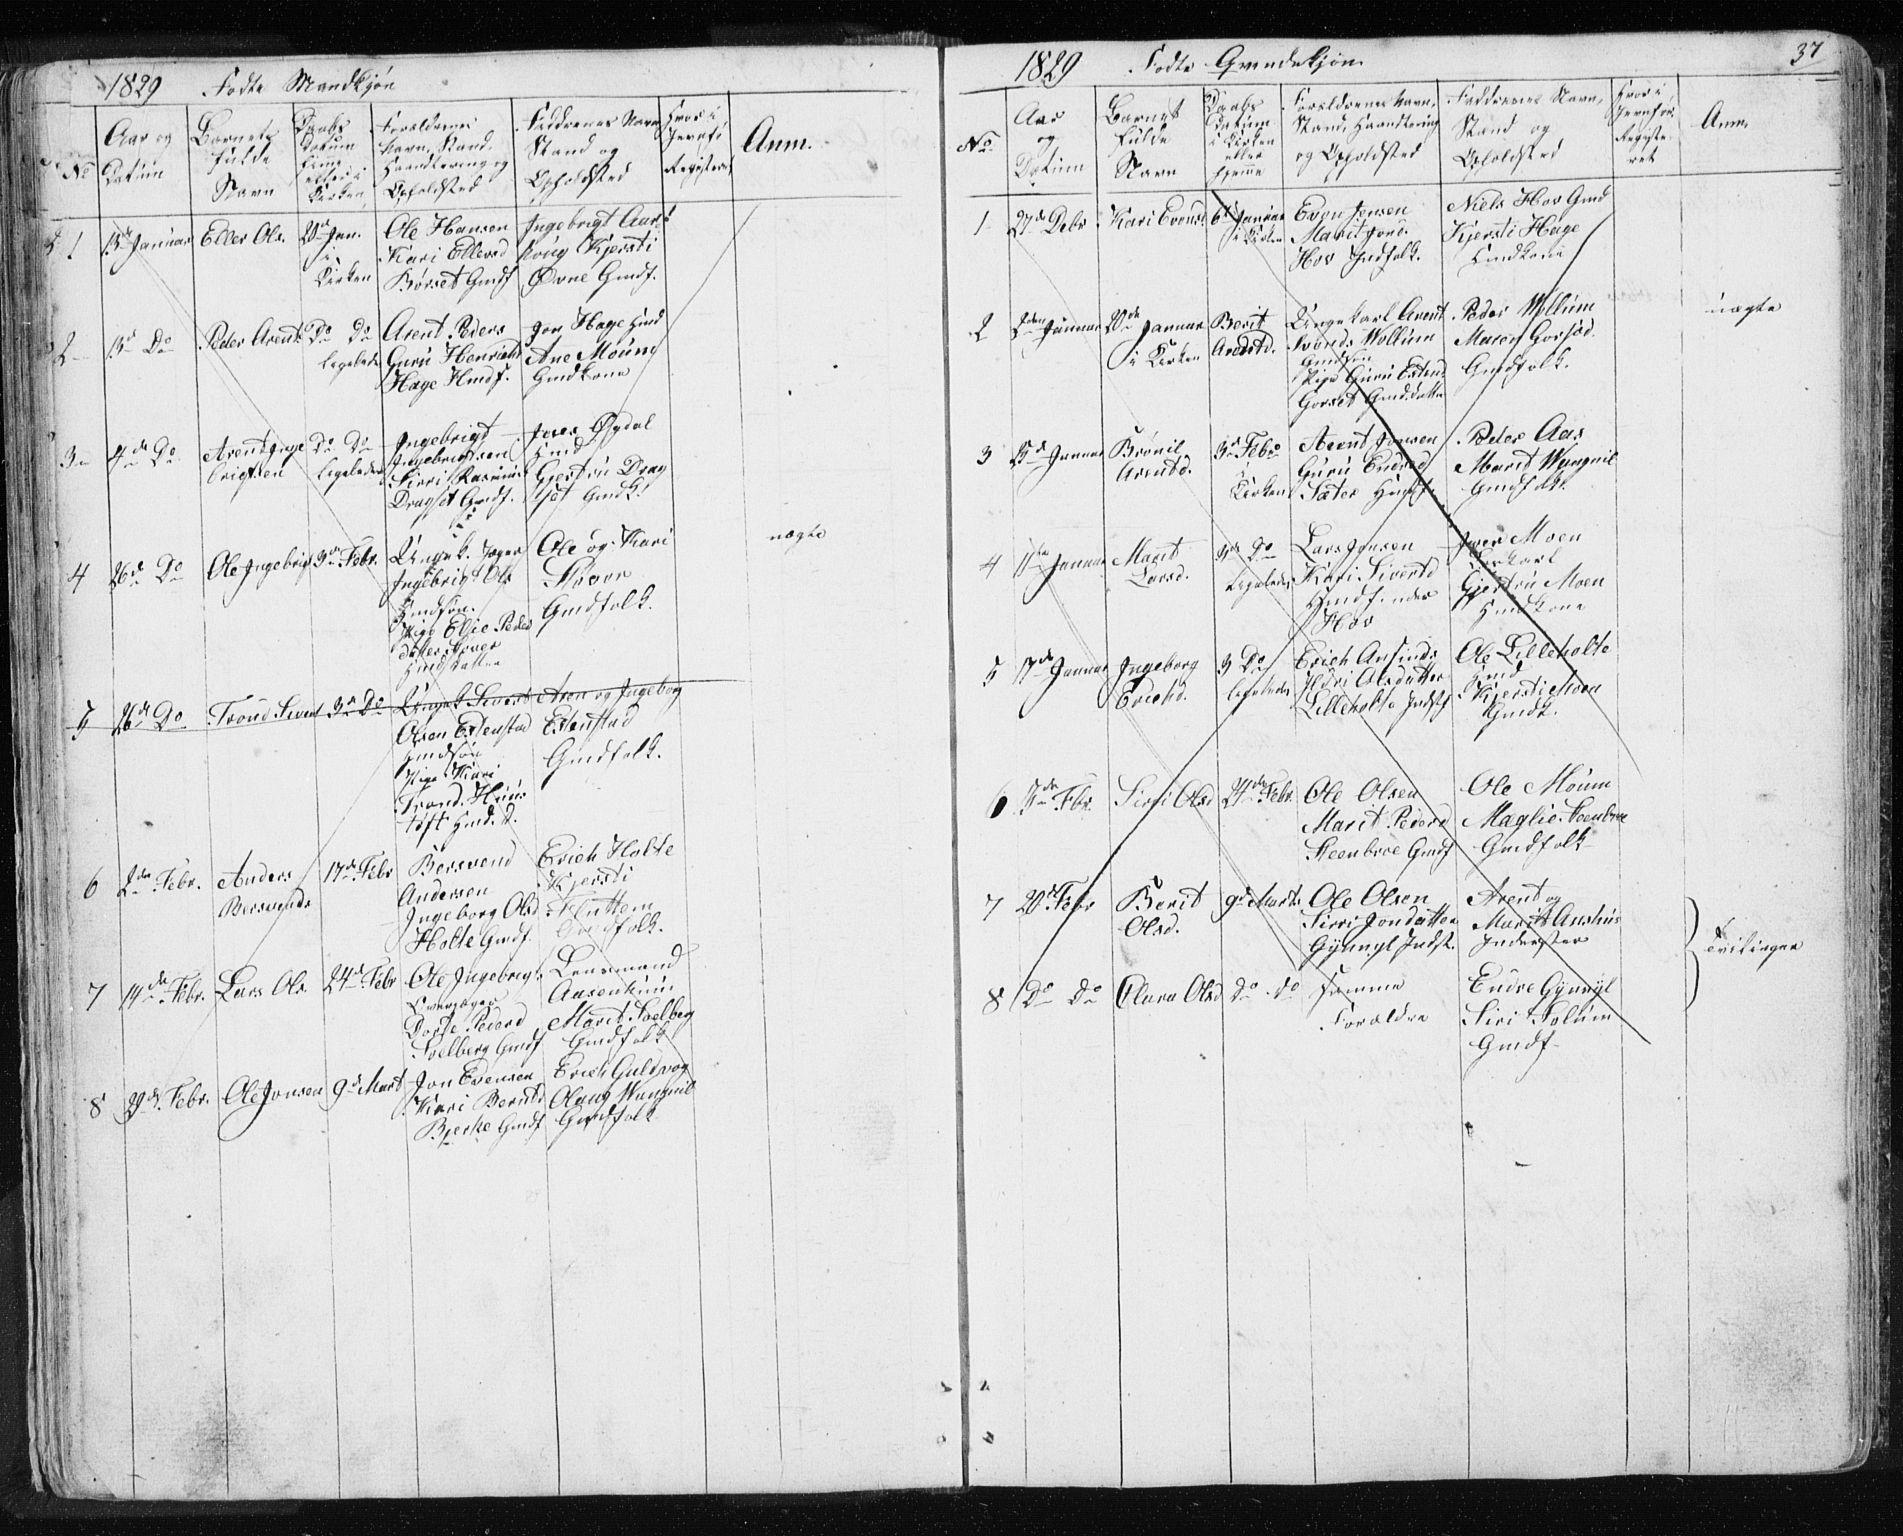 SAT, Ministerialprotokoller, klokkerbøker og fødselsregistre - Sør-Trøndelag, 689/L1043: Klokkerbok nr. 689C02, 1816-1892, s. 37